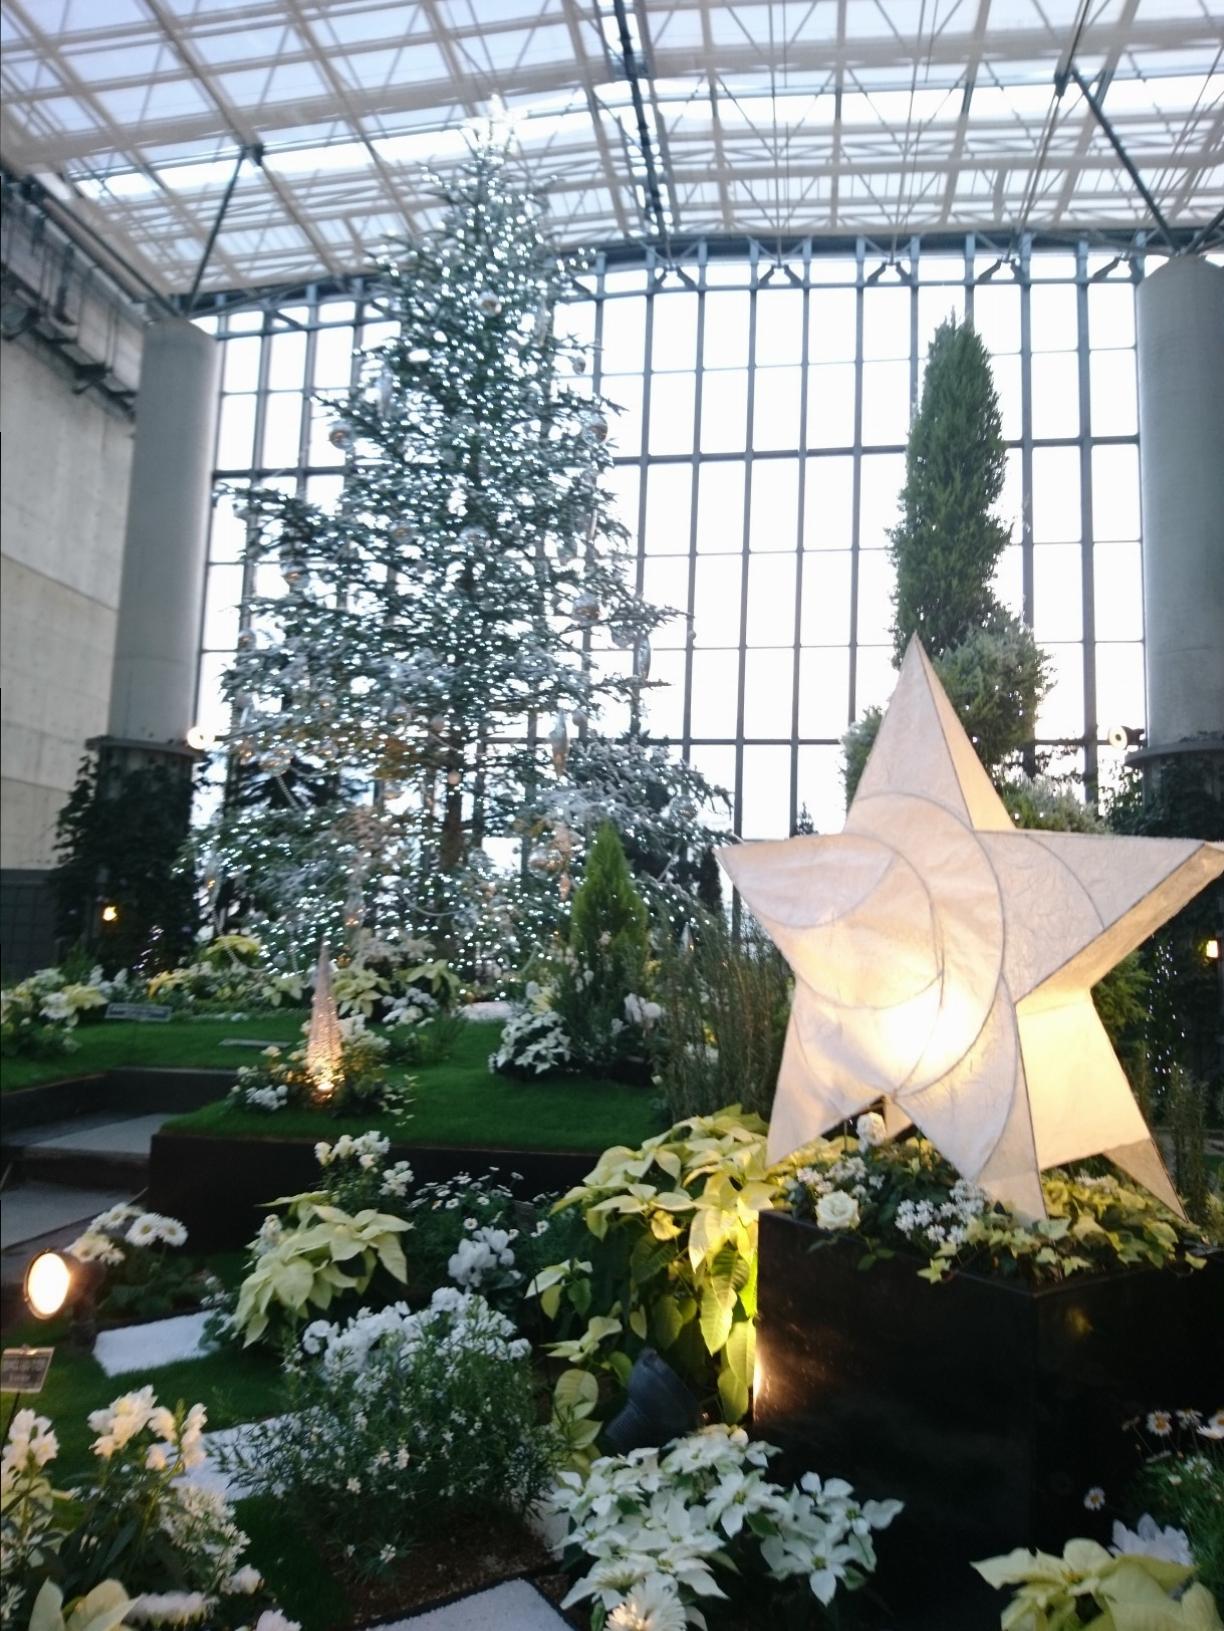 奇跡の星の植物館 淡路島 温室 植物園